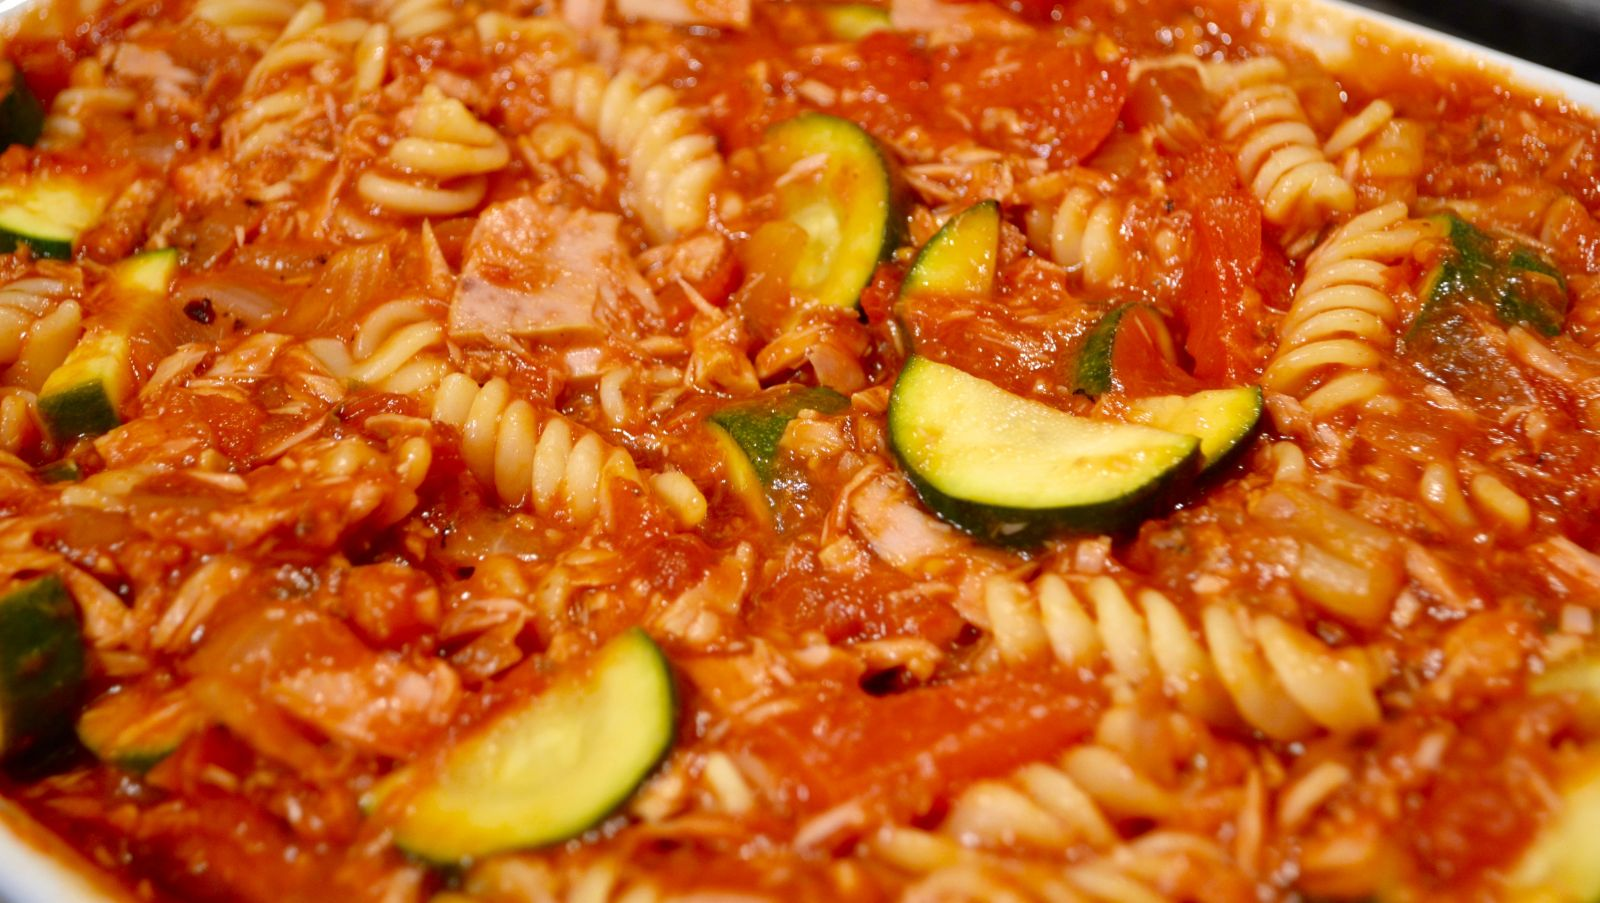 Recipe: Simple & Healthy Tuna Pasta Bake!